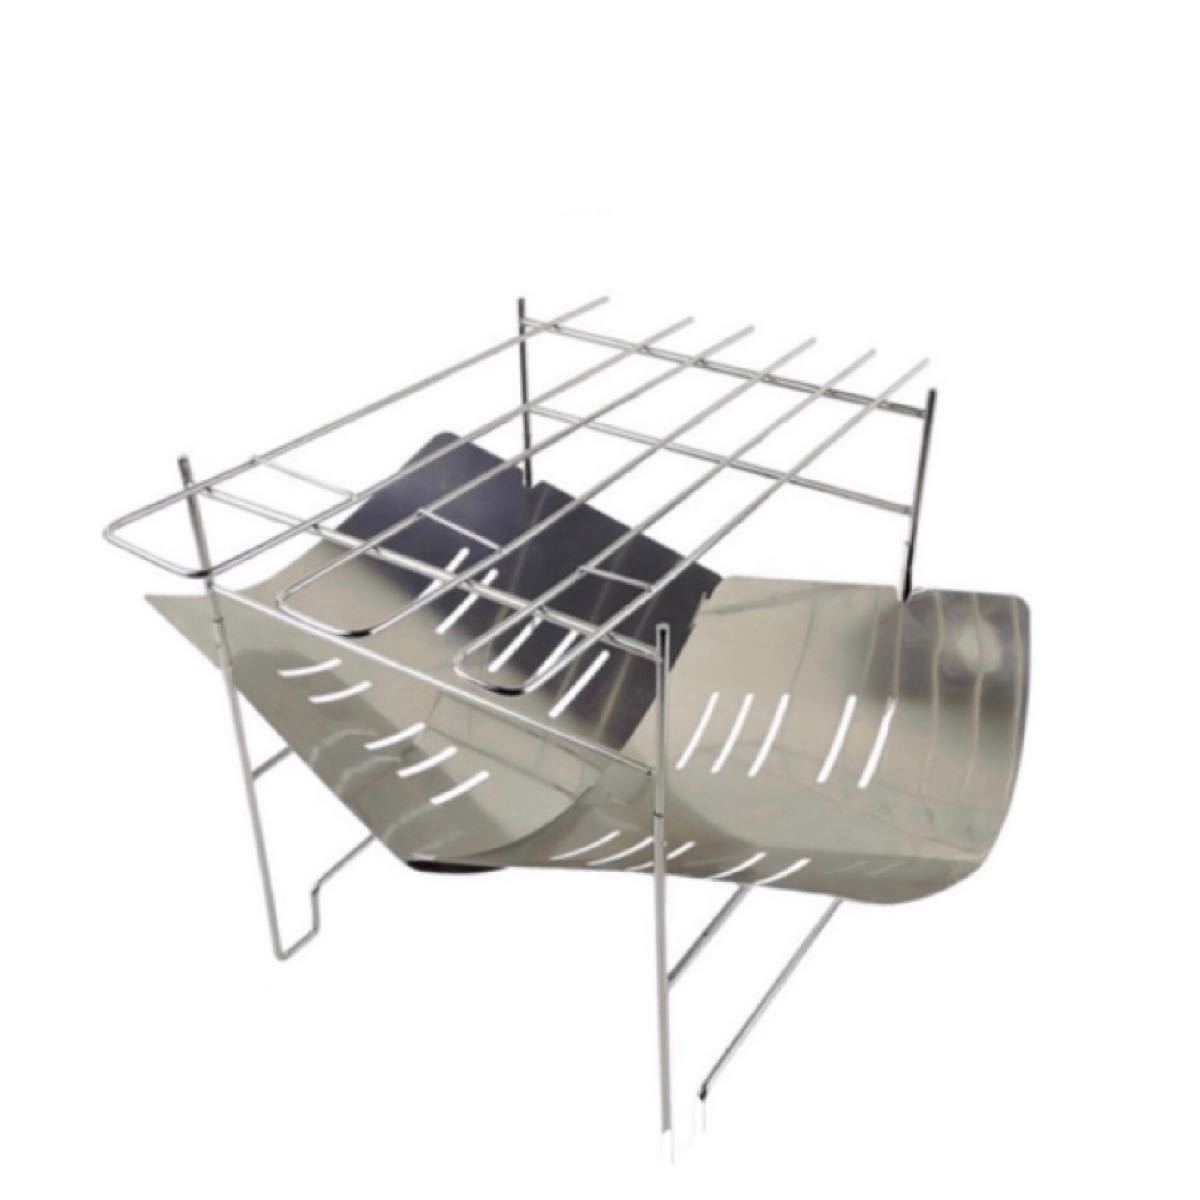 焚き火台 折り畳み式 バーベキューコンロ アウトドア スピット3本付  調理用品